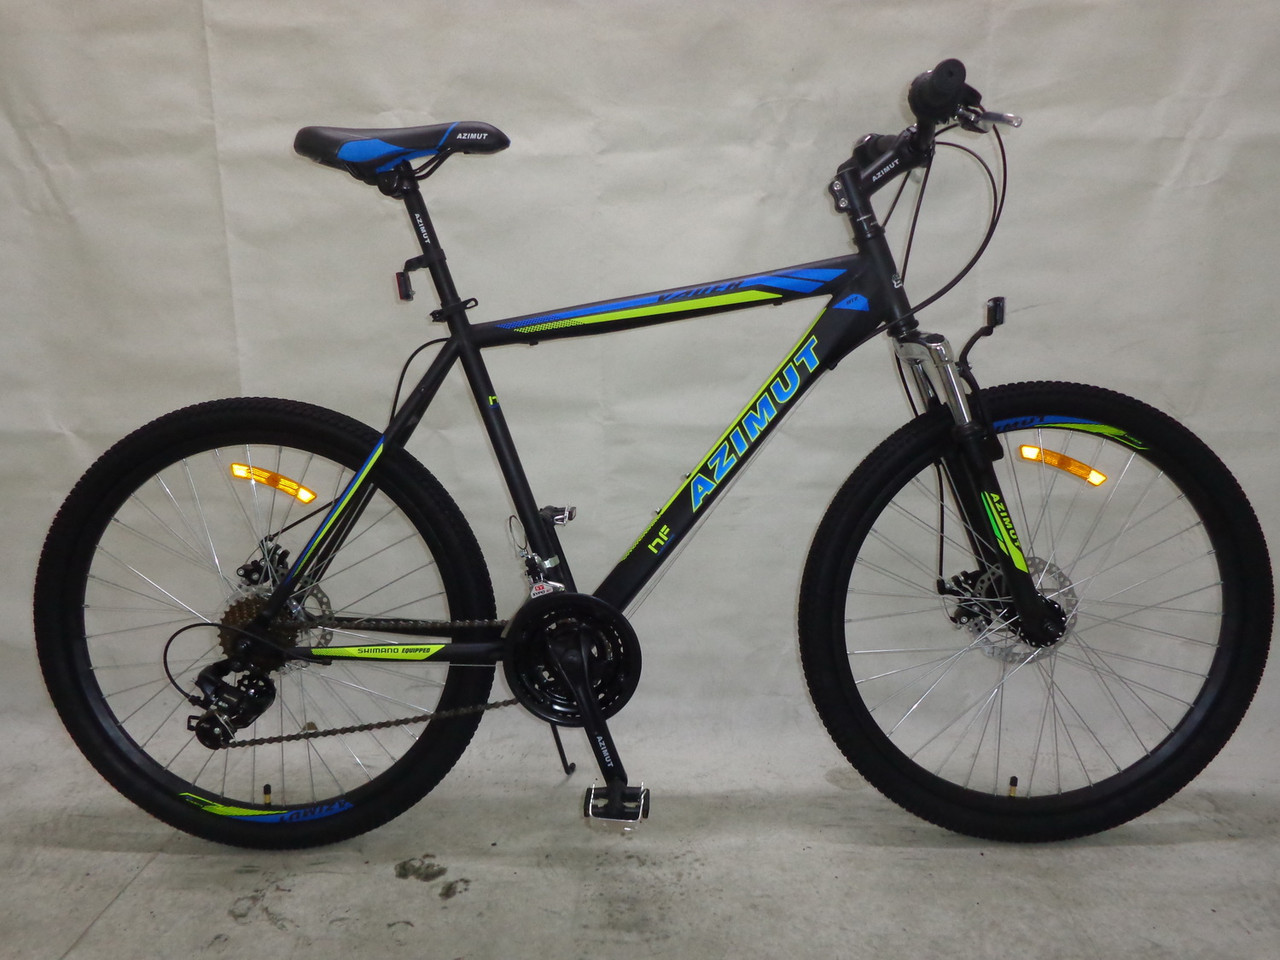 Горный спортивный велосипед 29 дюймов 19 рама Azimu Vader   (оборудова